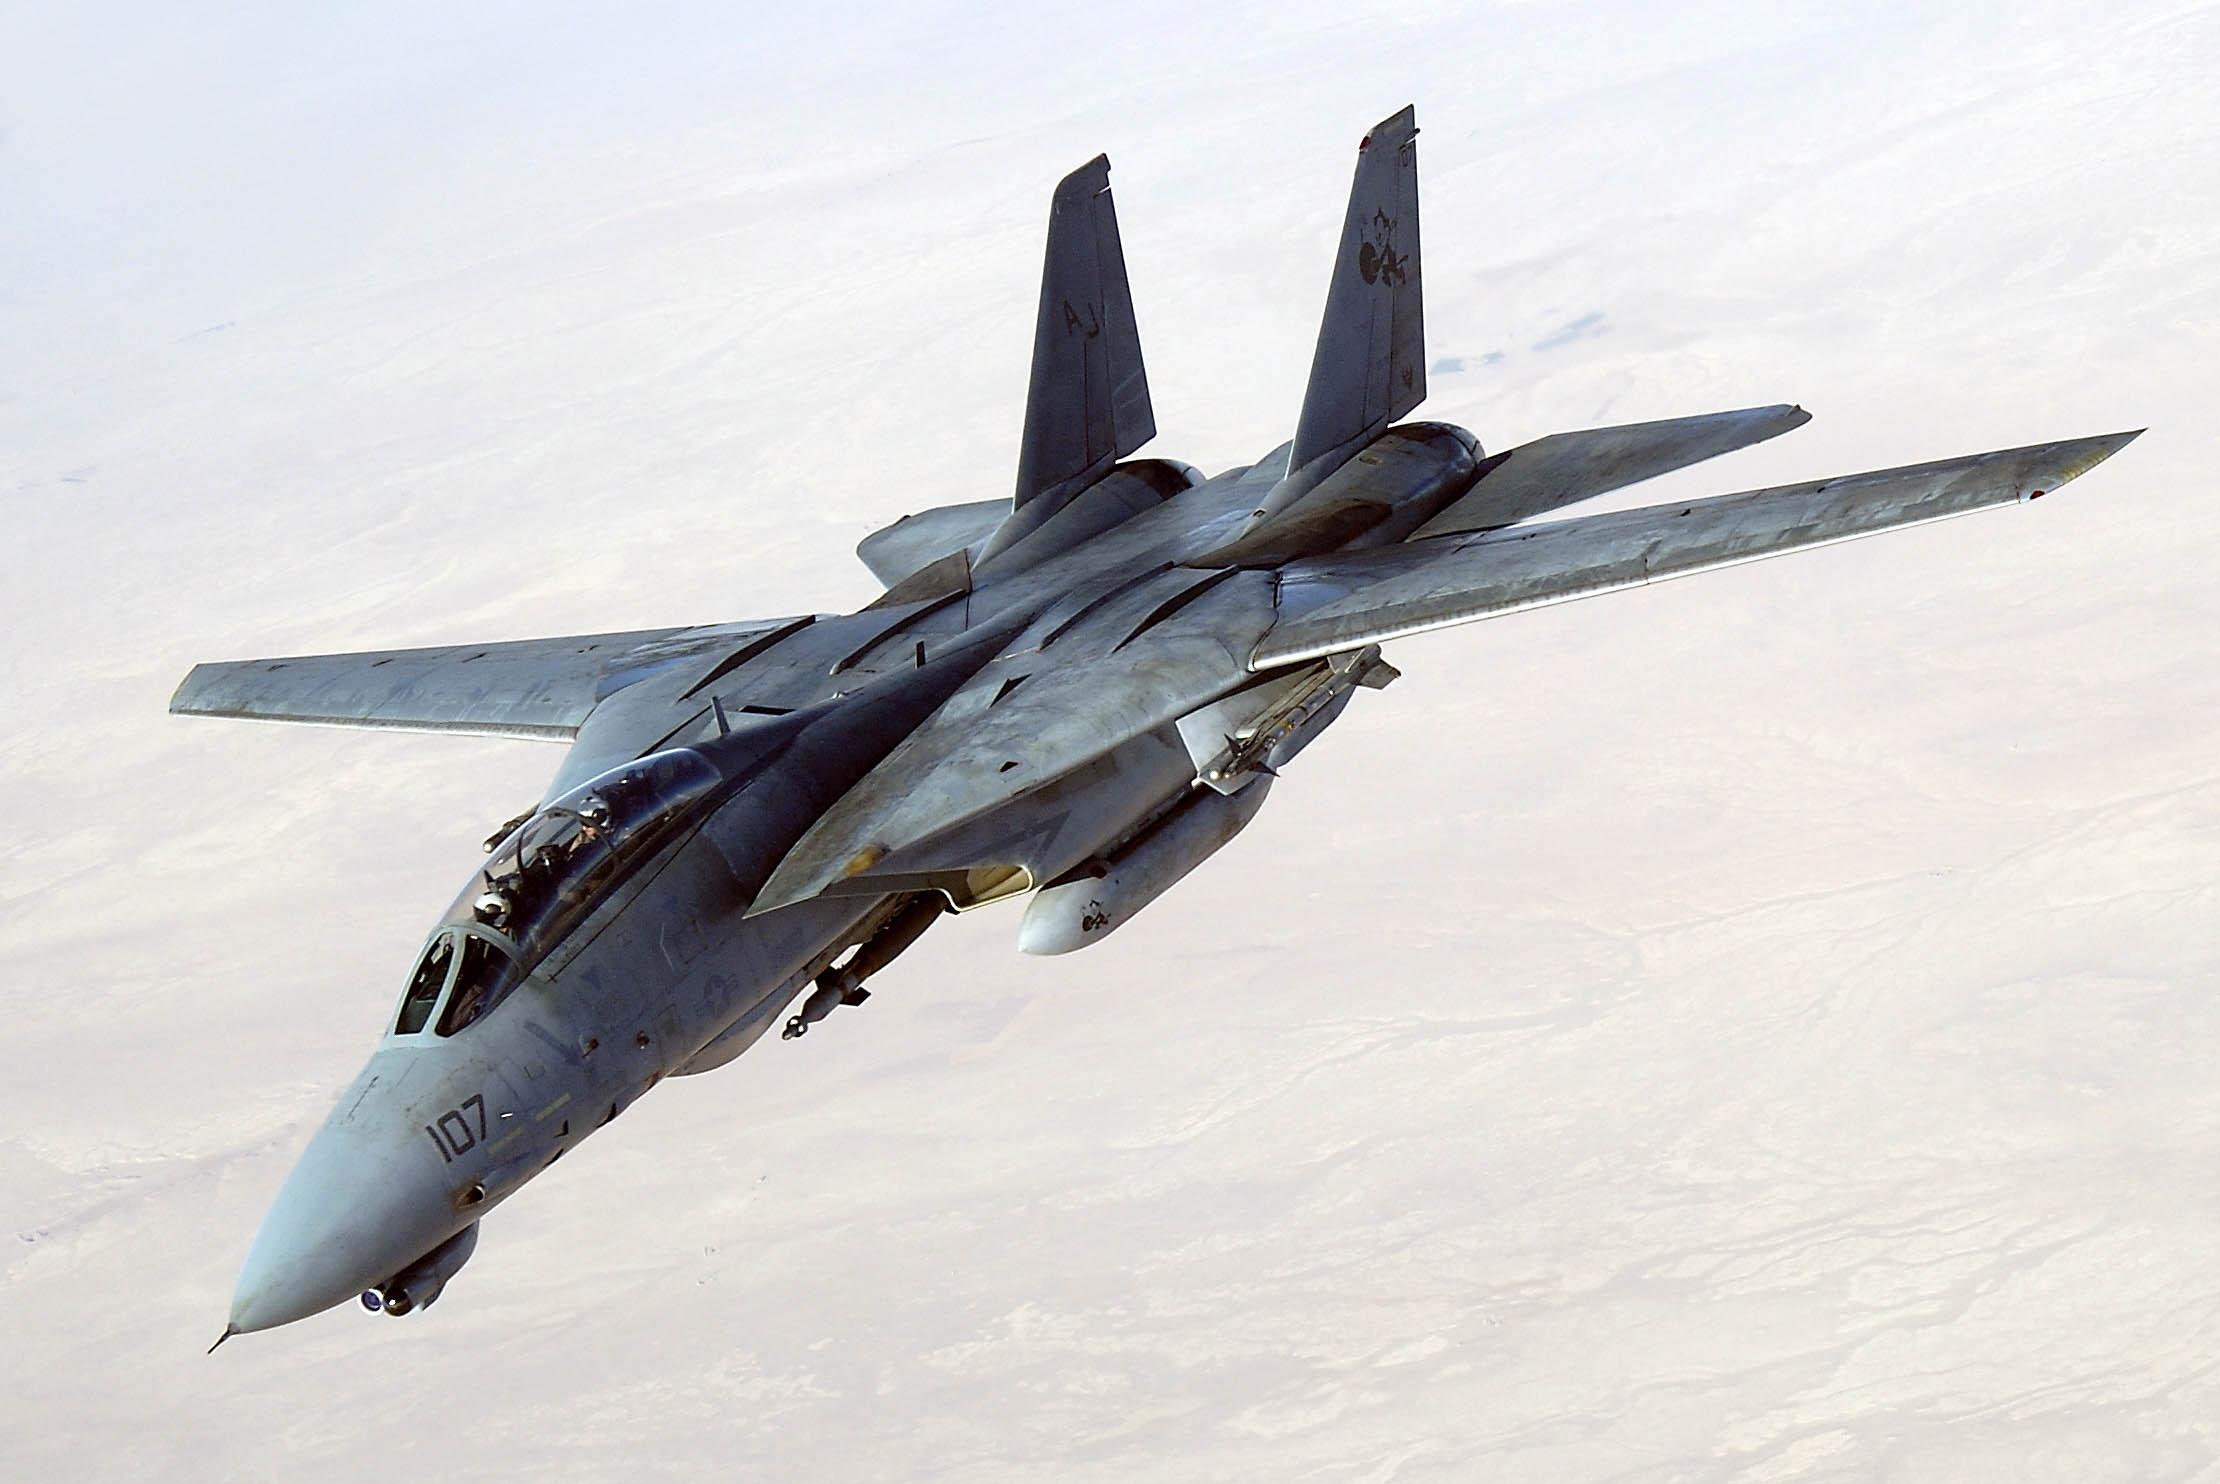 Grumman F 14 Tomcat Wallpapers Military Hq Grumman F 14 Tomcat